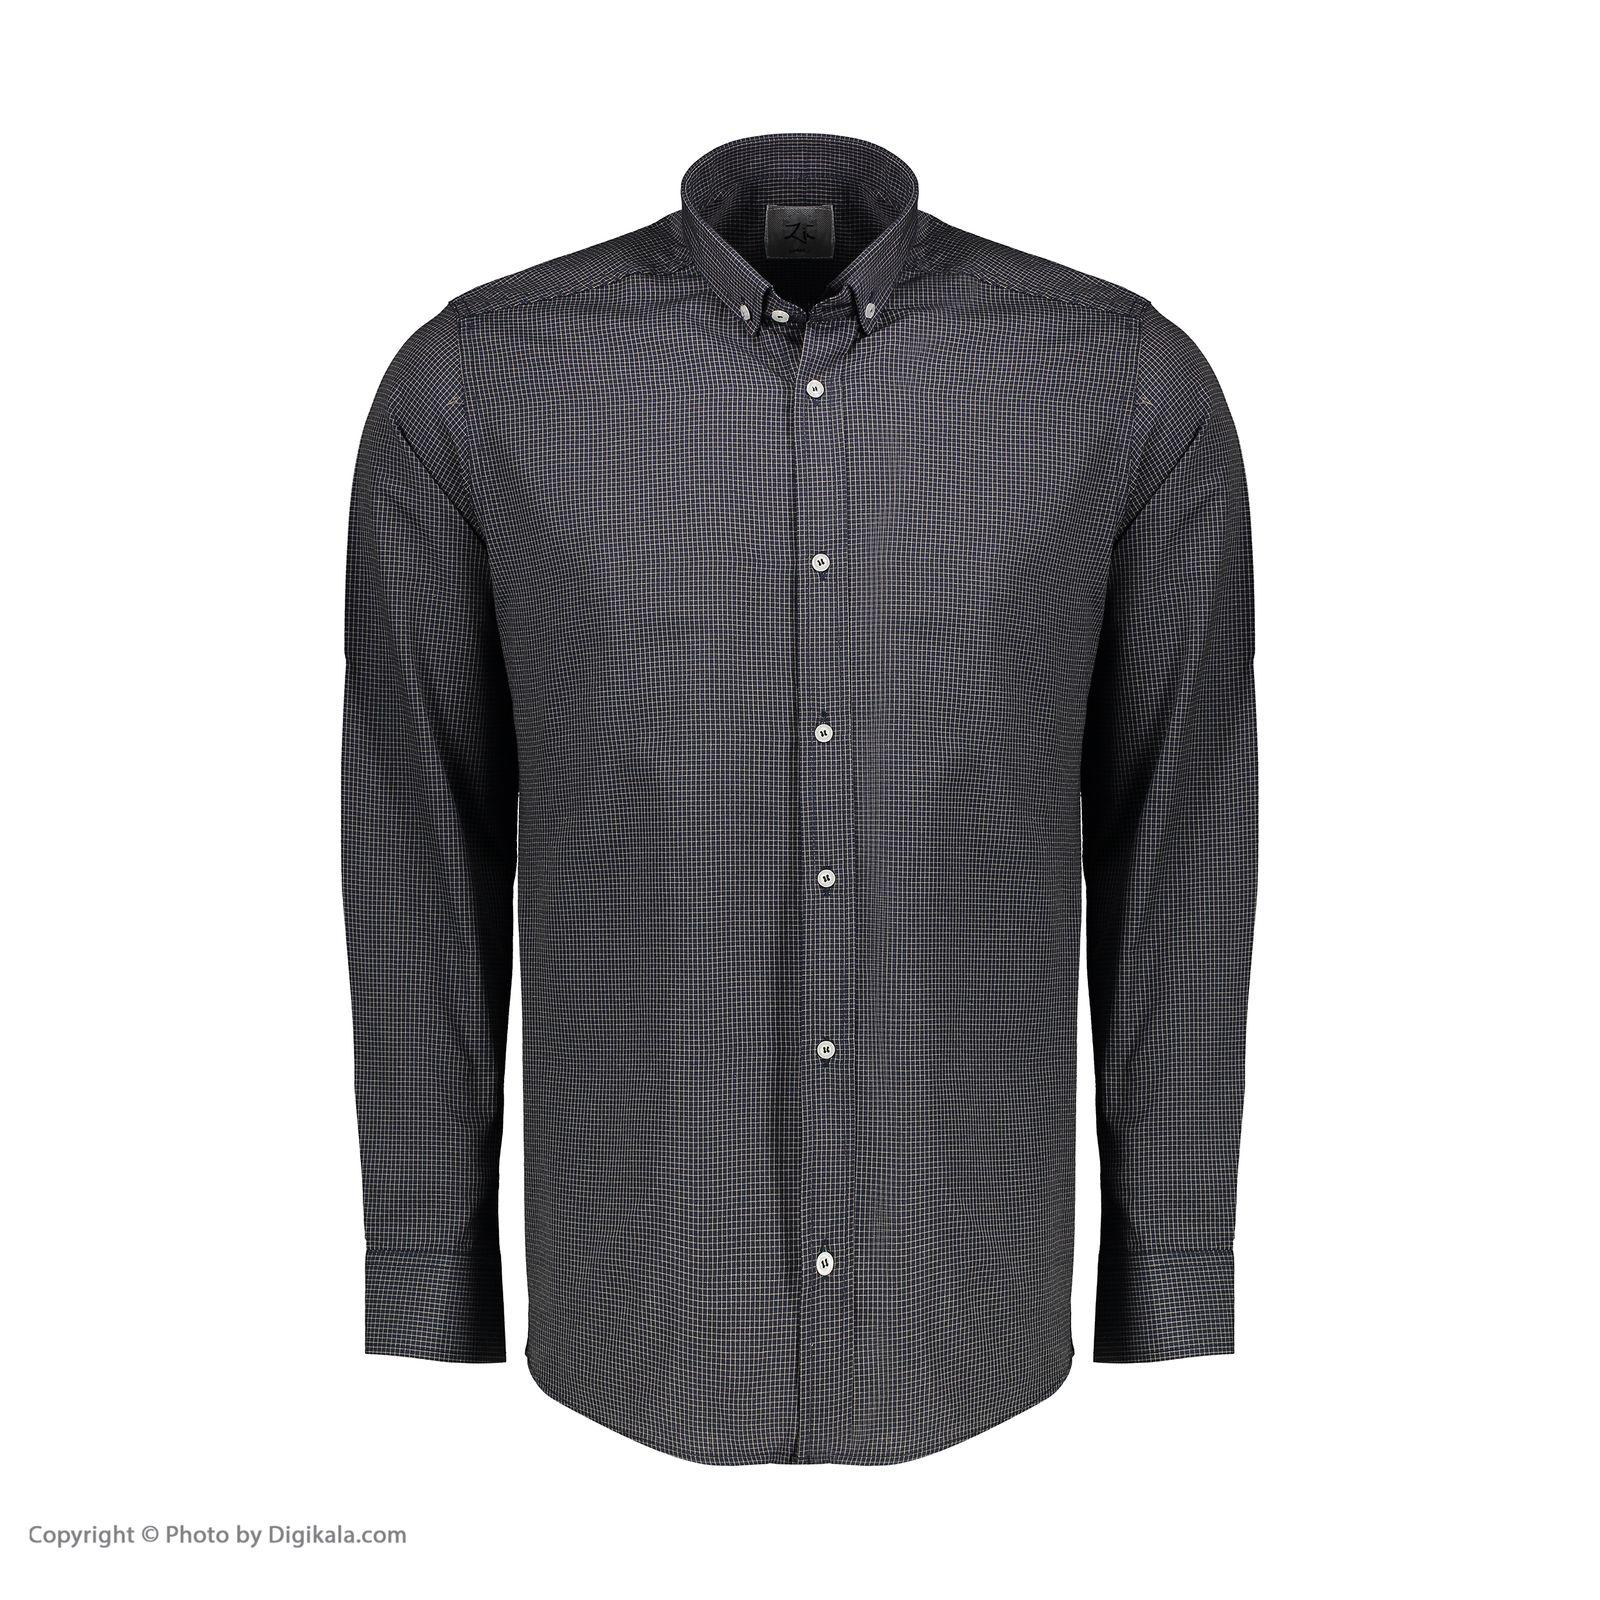 پیراهن مردانه زی مدل 15311855916 -  - 2